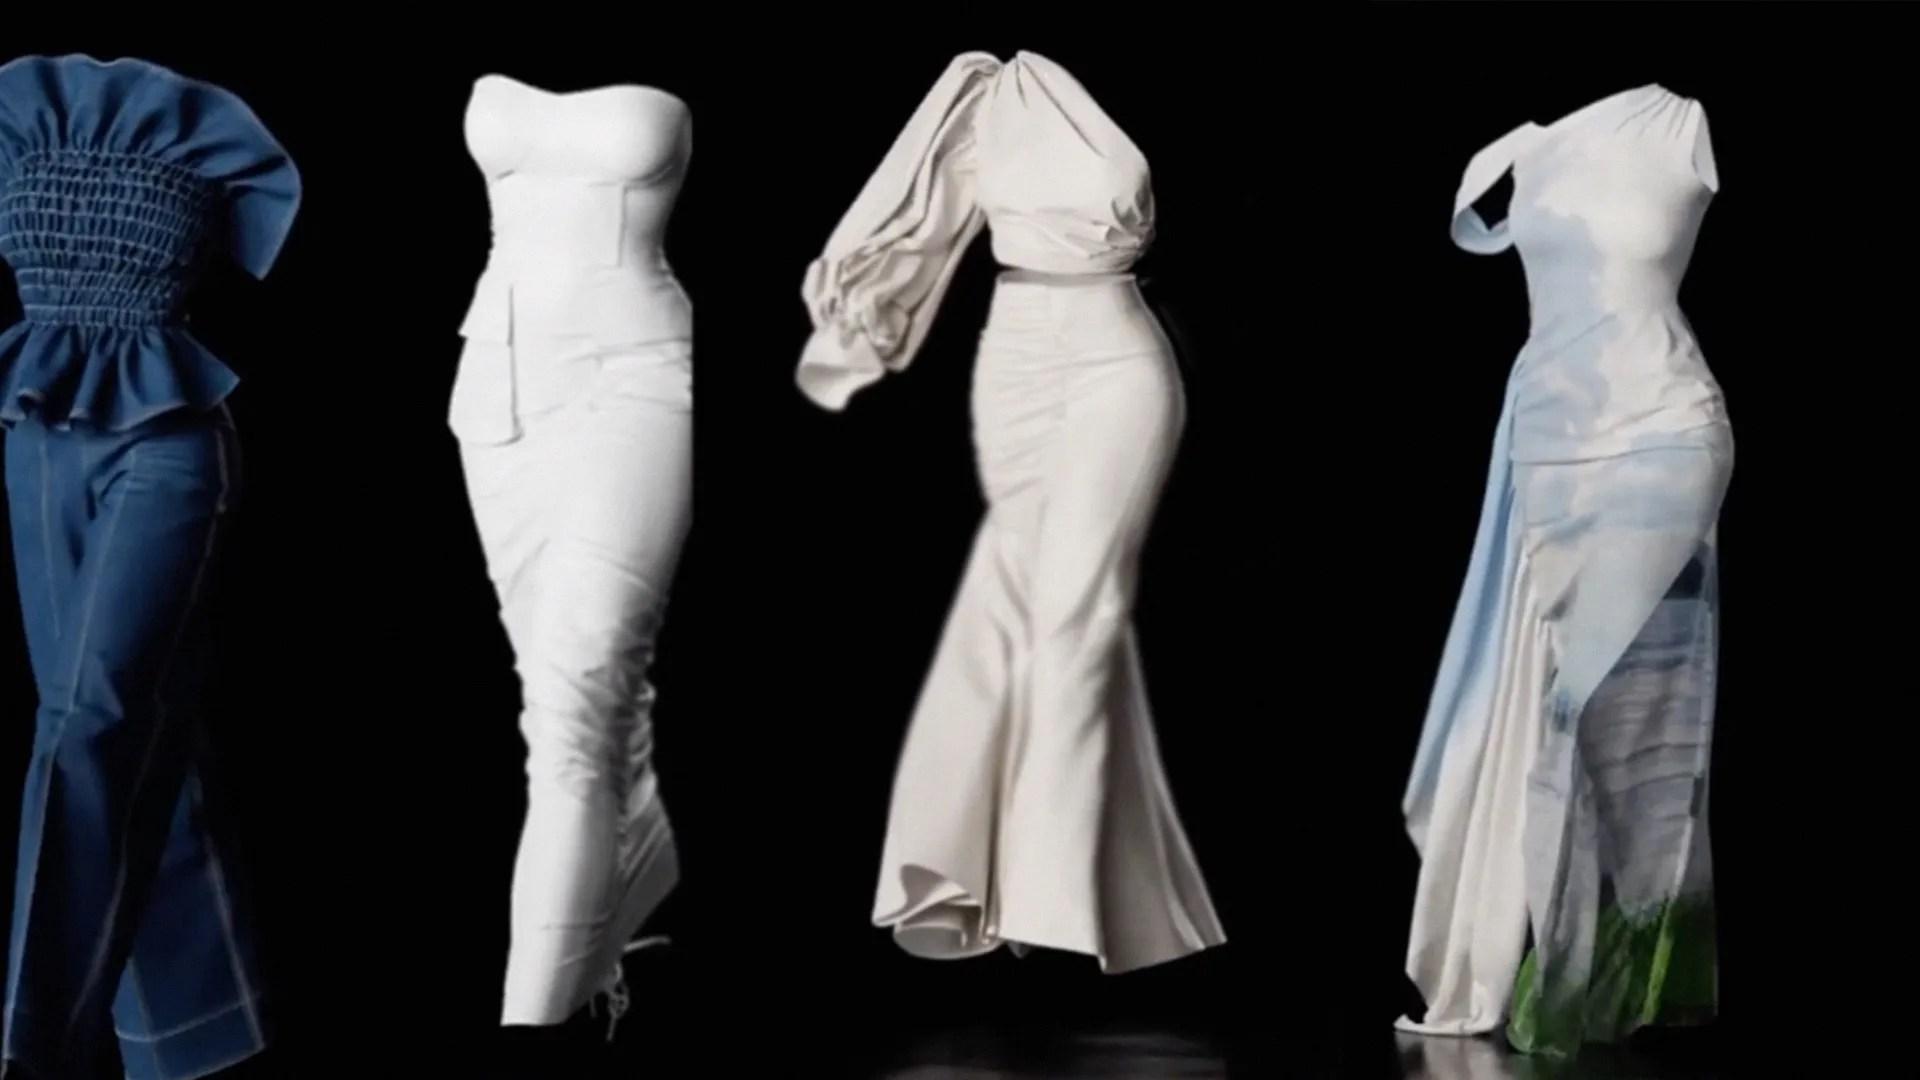 El desfile en 3D sin modelos: El futuro de la moda y la pasarela de Anifa  Mvuemba | Vogue México y Latinoamérica